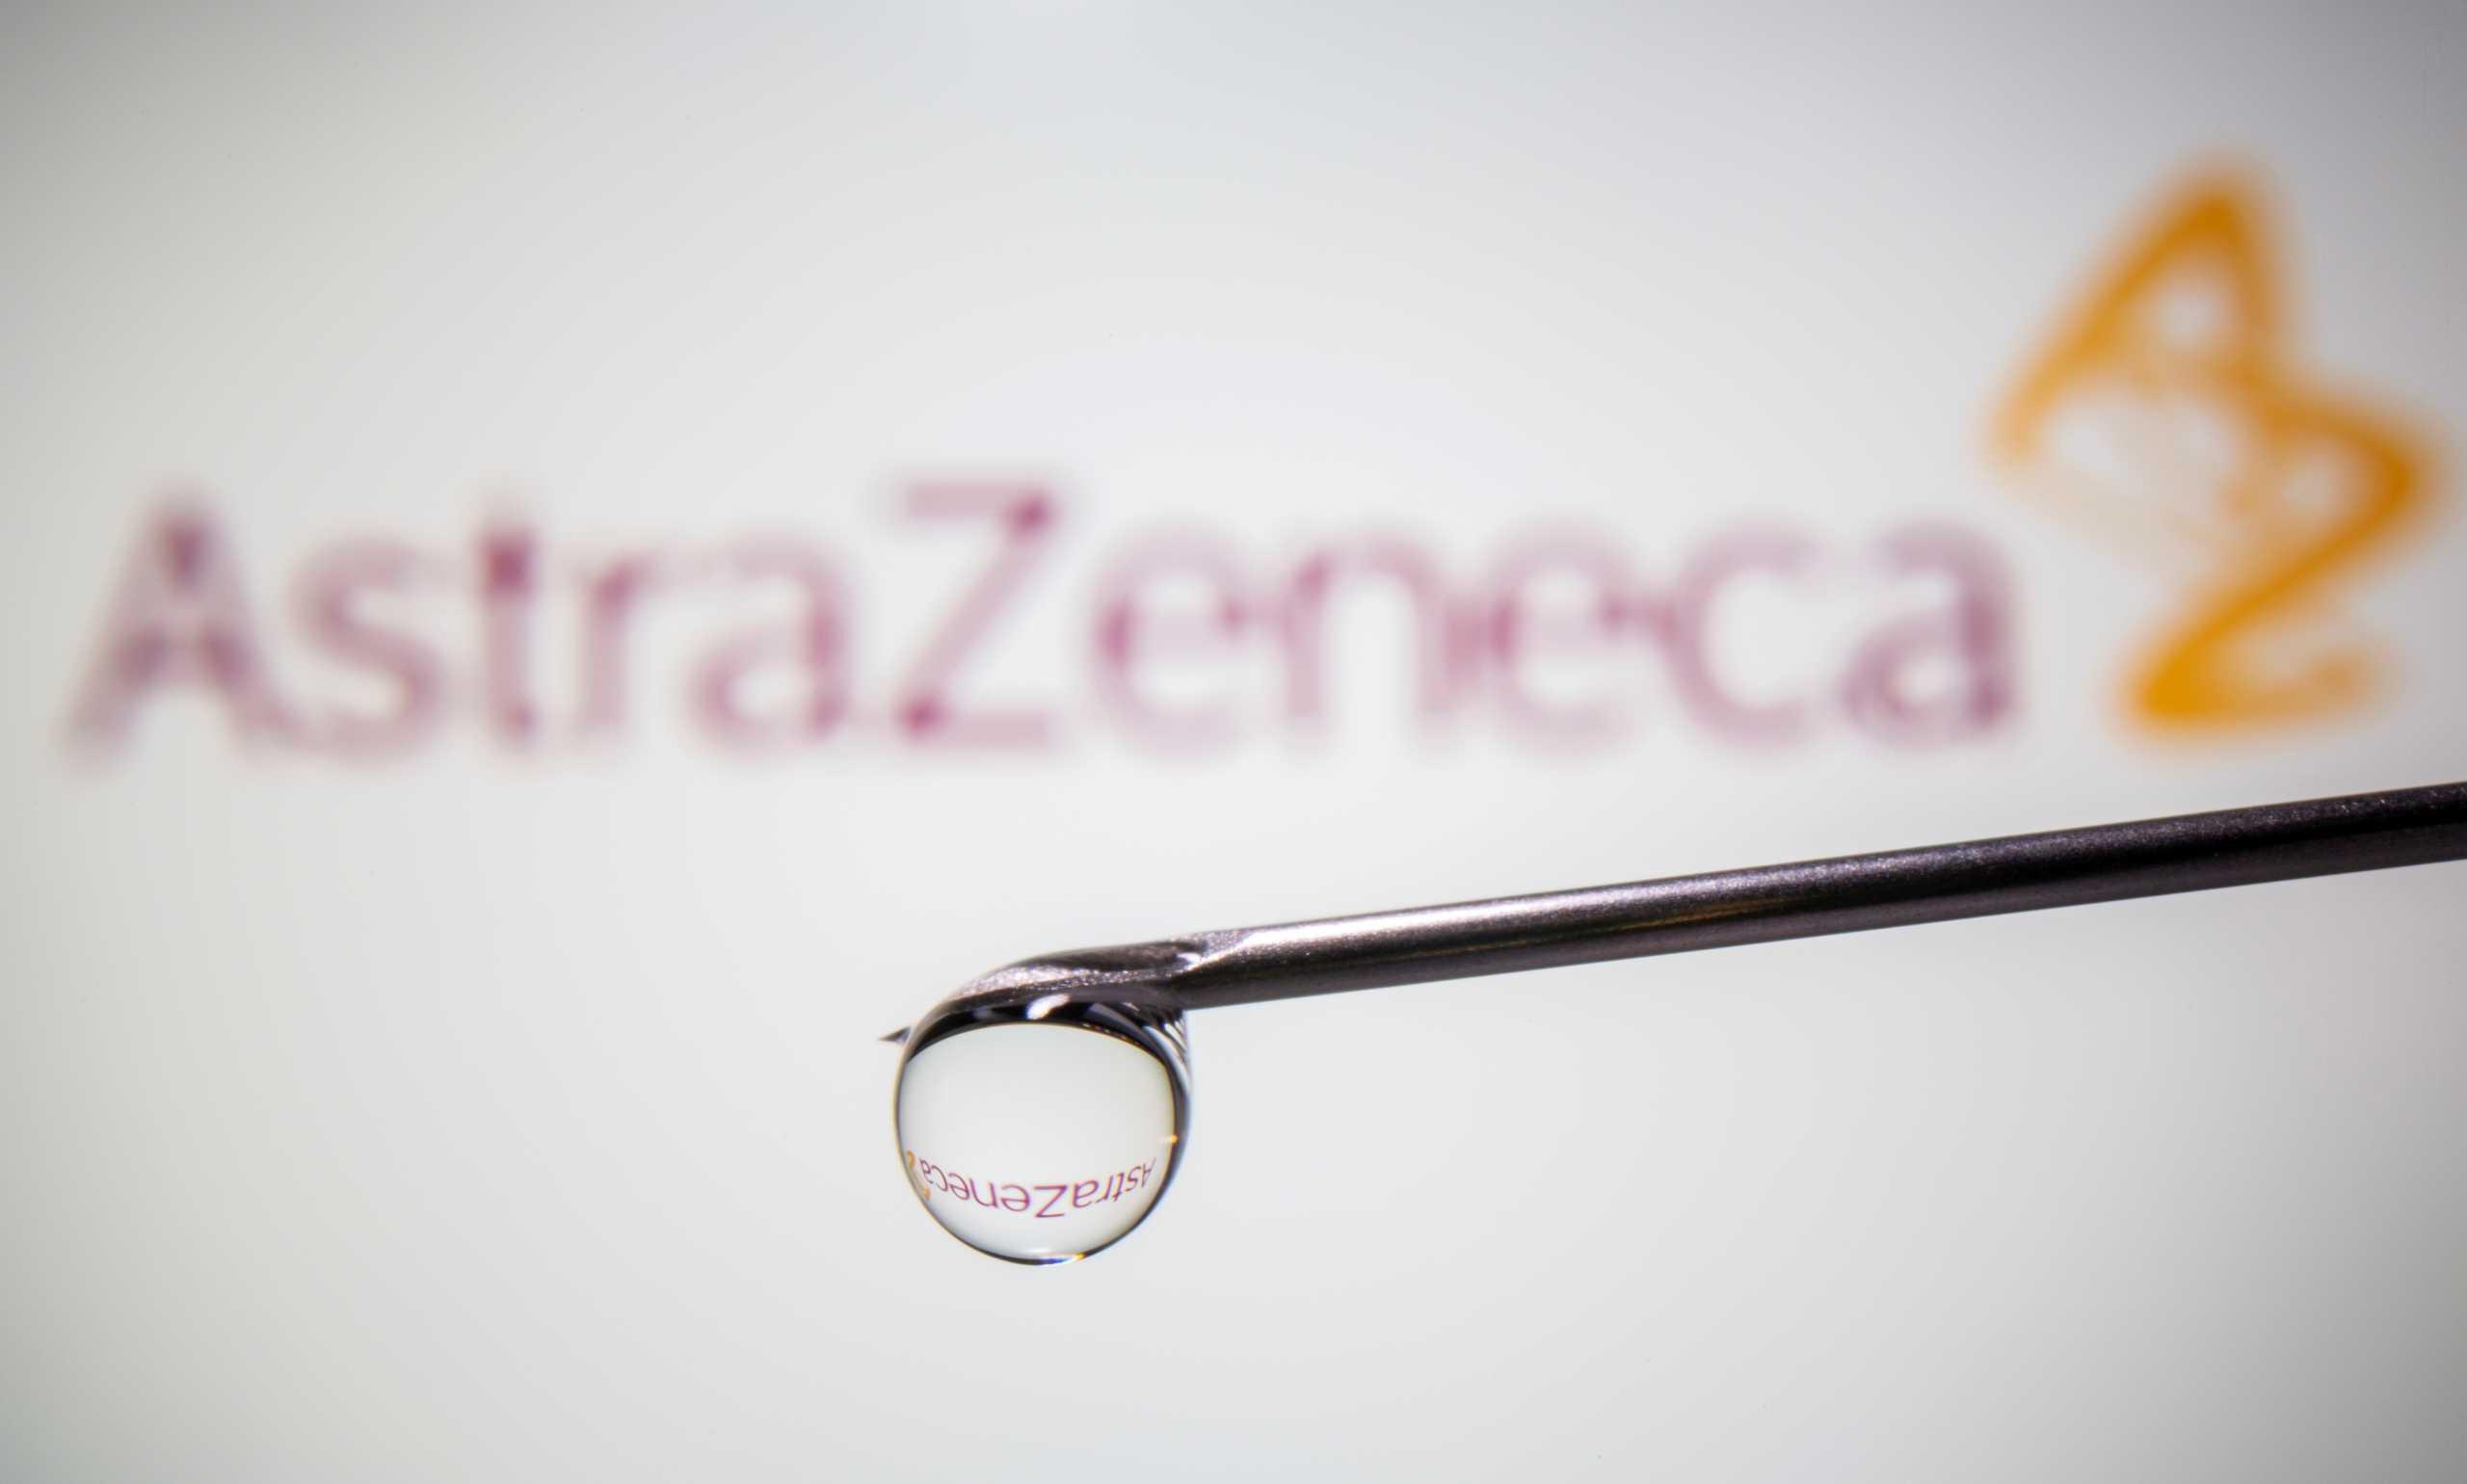 Εμβόλιο AstraZeneca: Αργεί ακόμα η έγκριση από την Ευρωπαϊκή Ένωση